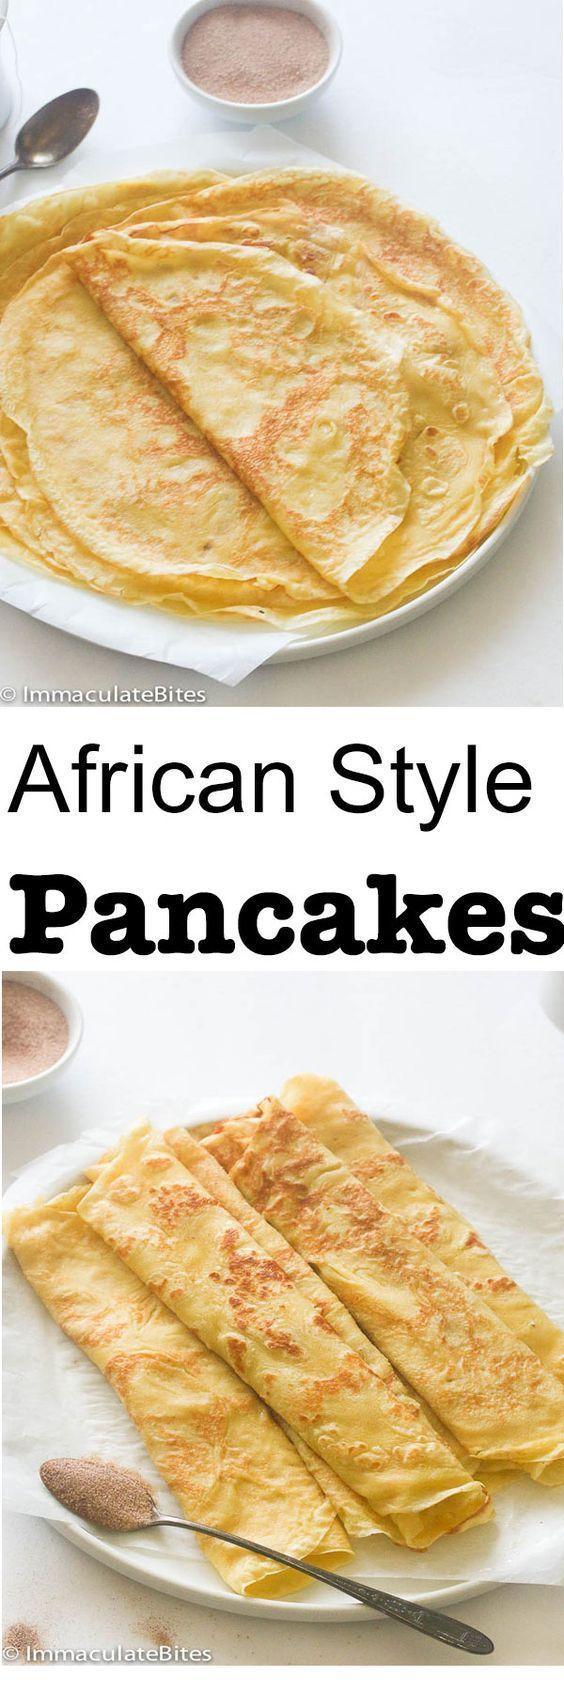 African Pancakes Recipe Pancakes, Cooking recipes